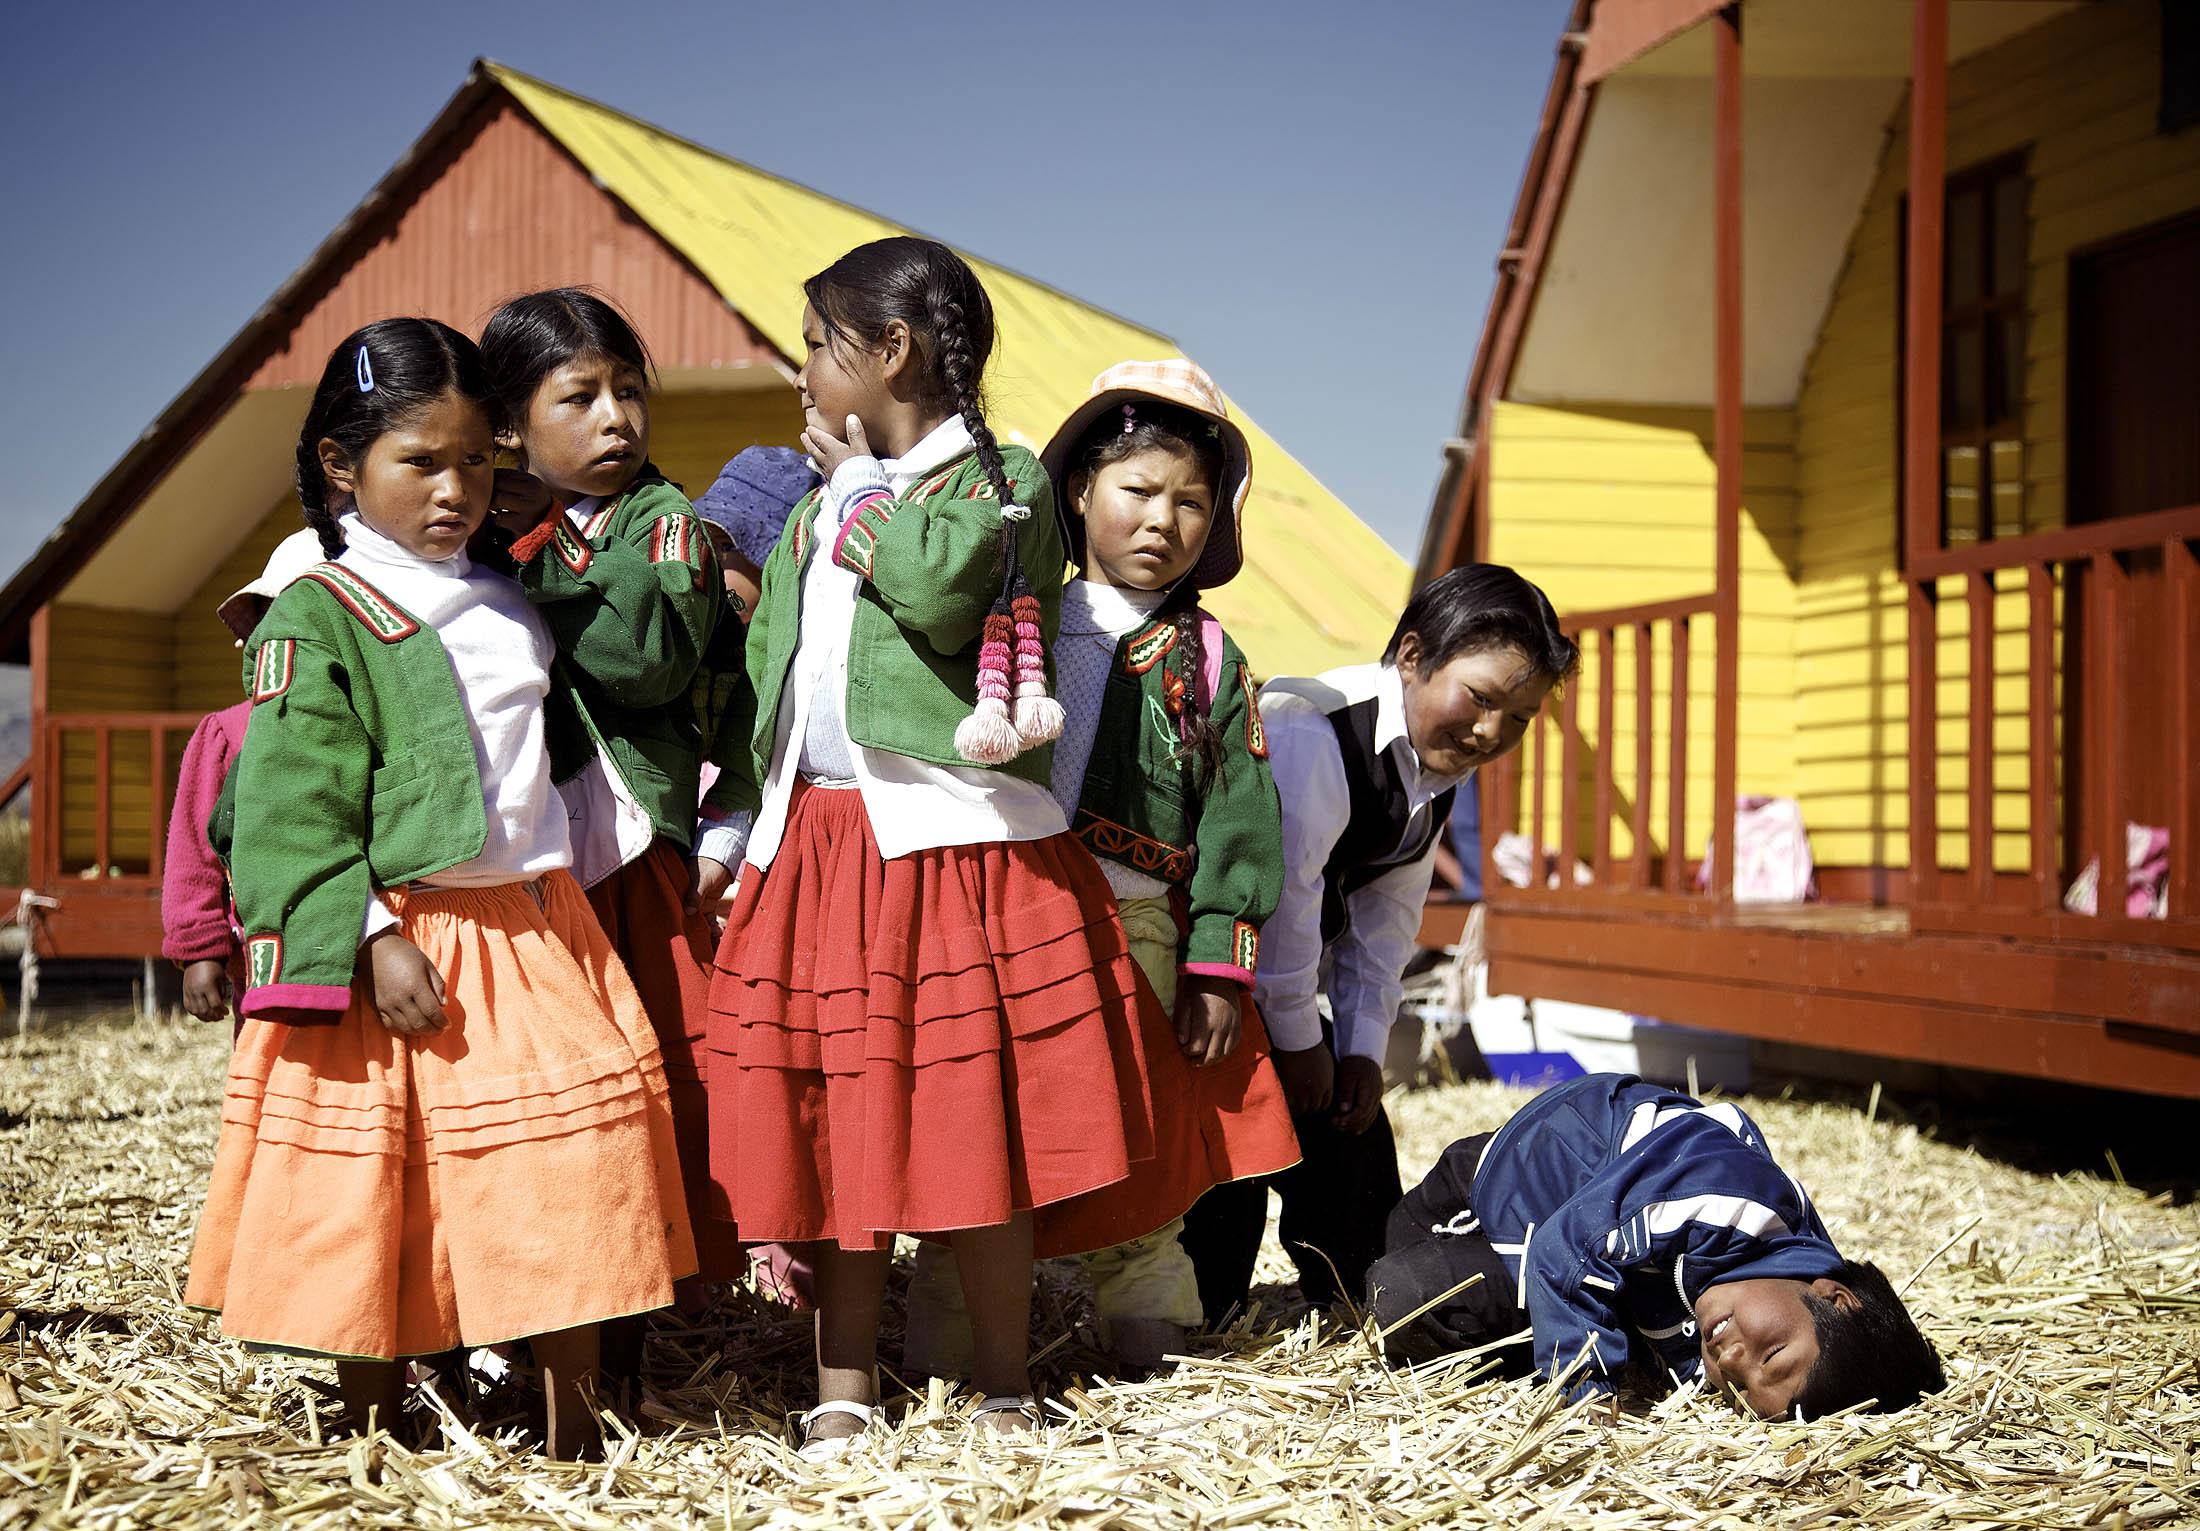 Floating school on Uros Islands, Titicaca, Peru